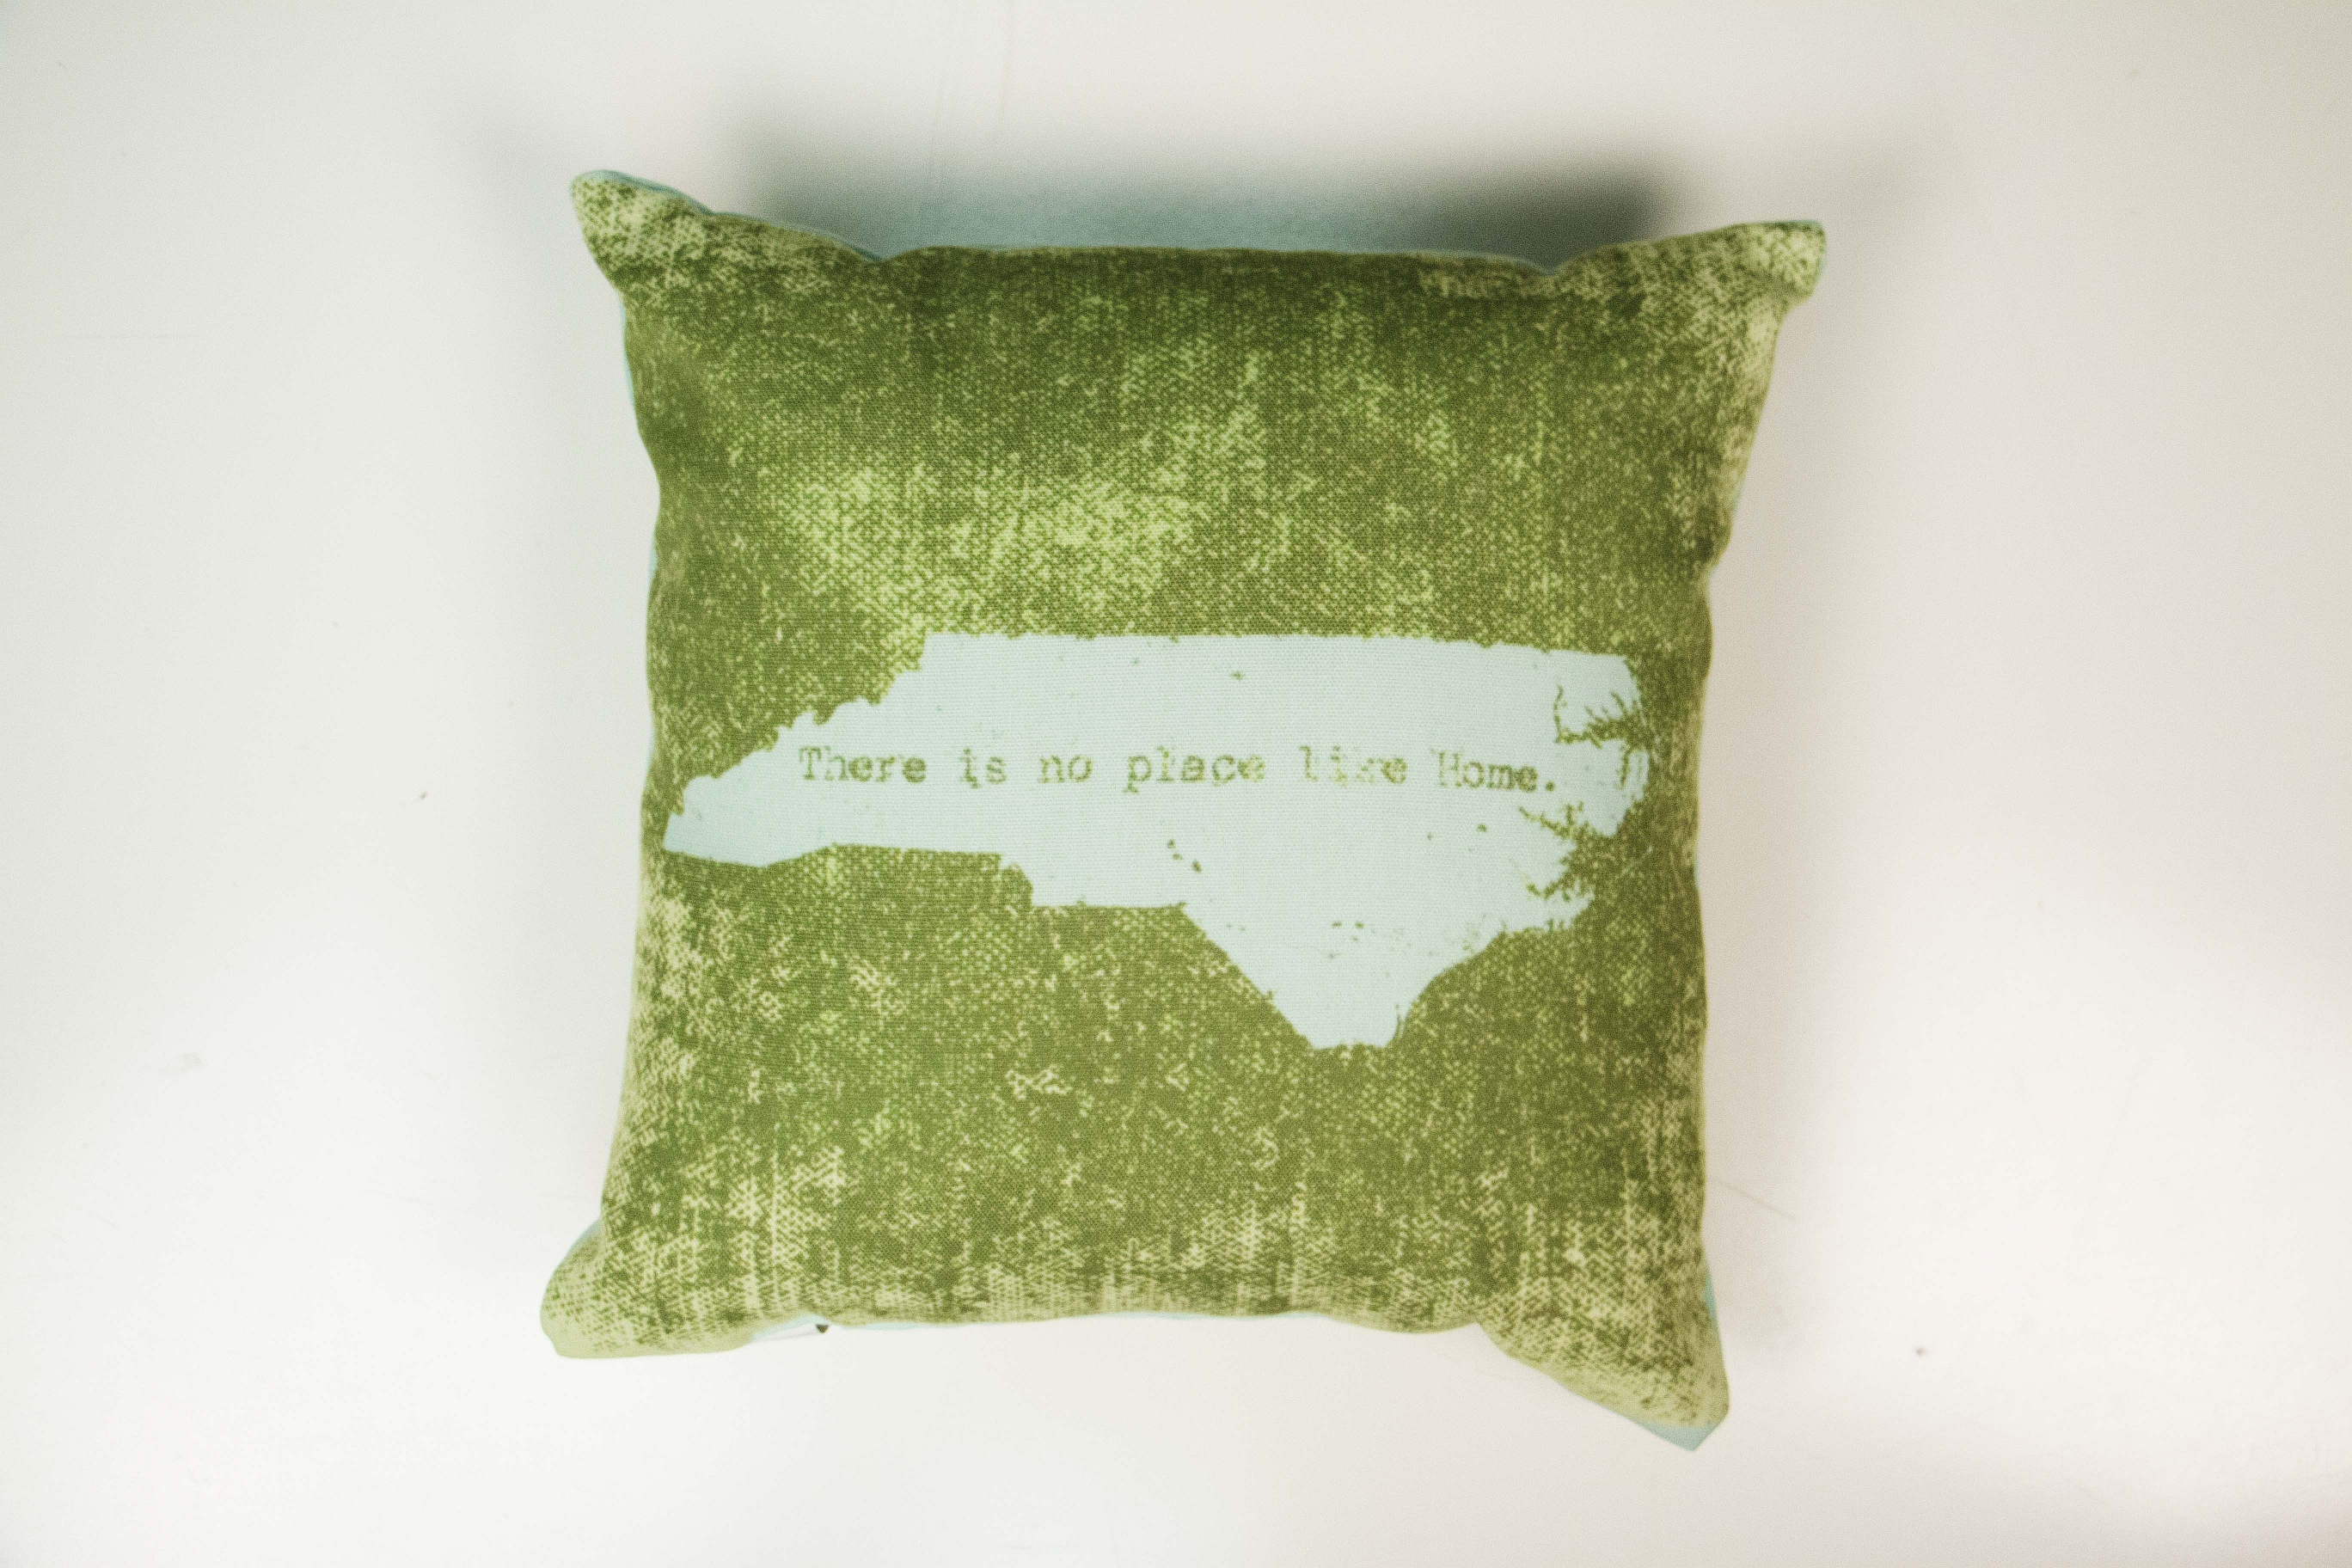 No Place Like Home North Carolina Pillow : Design Archivesu2122 Emporium: Greensboro and Winston-Salem